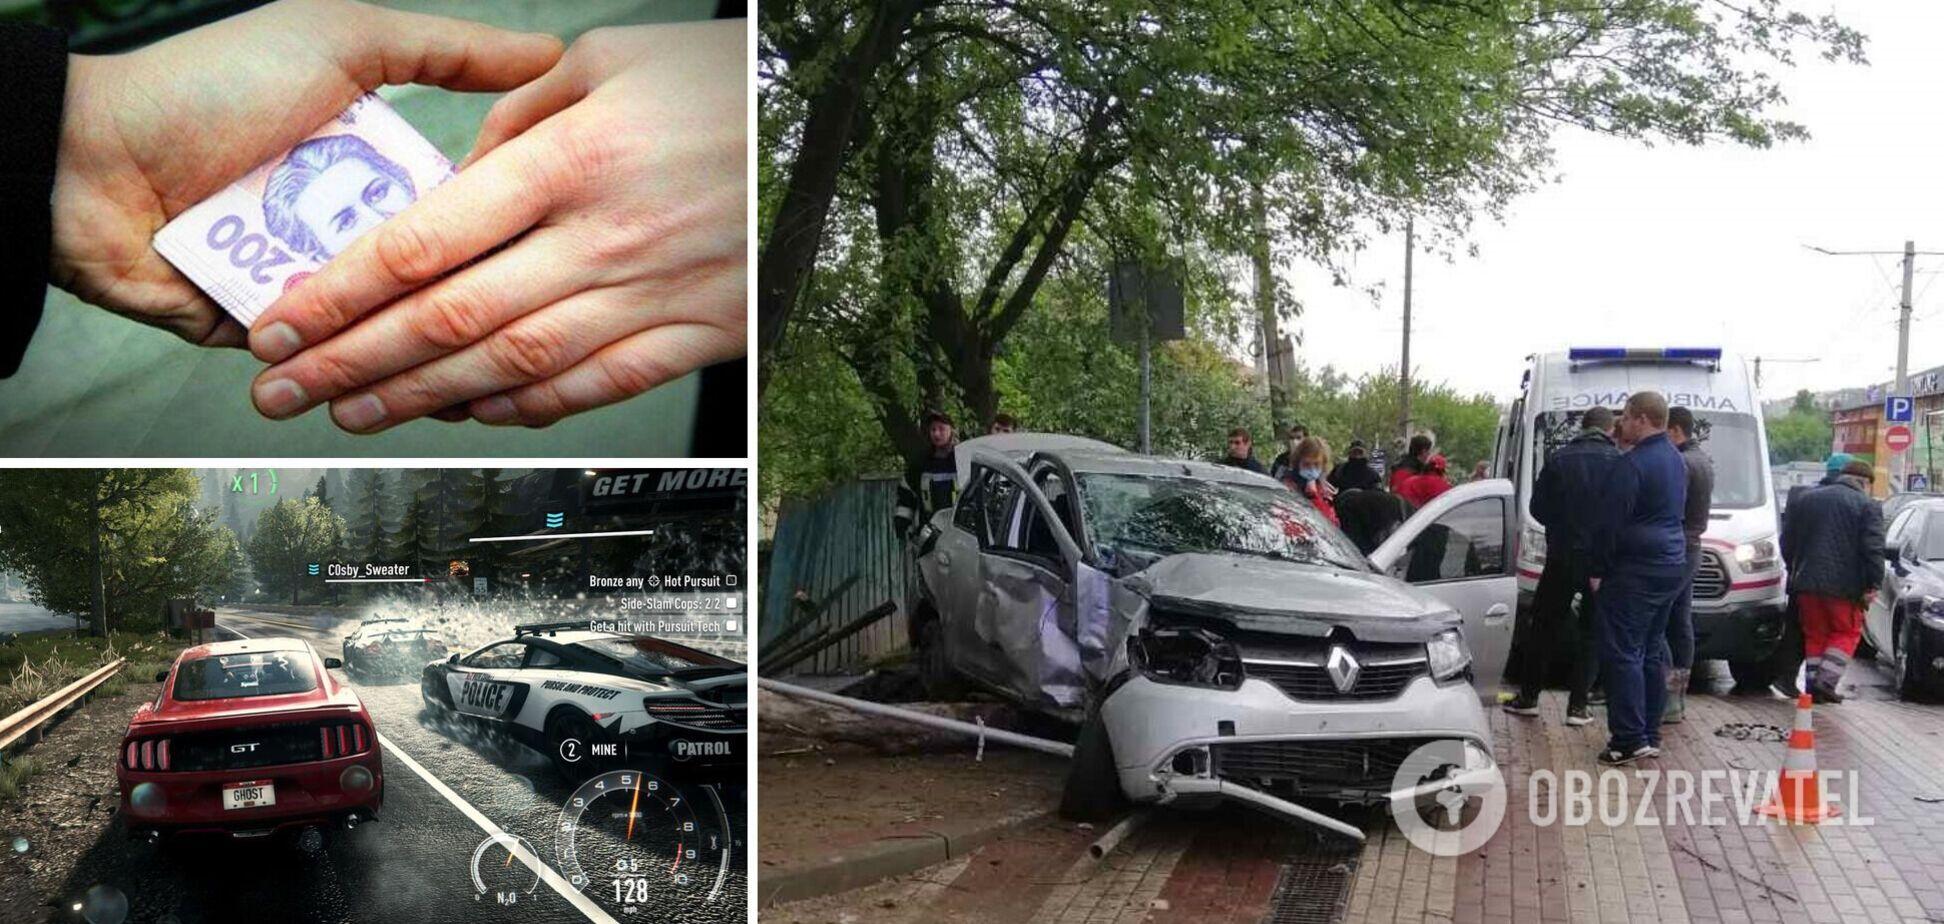 Почему украинцы устраивают войны на дорогах и массово гибнут в ДТП: психолог назвал 5 причин